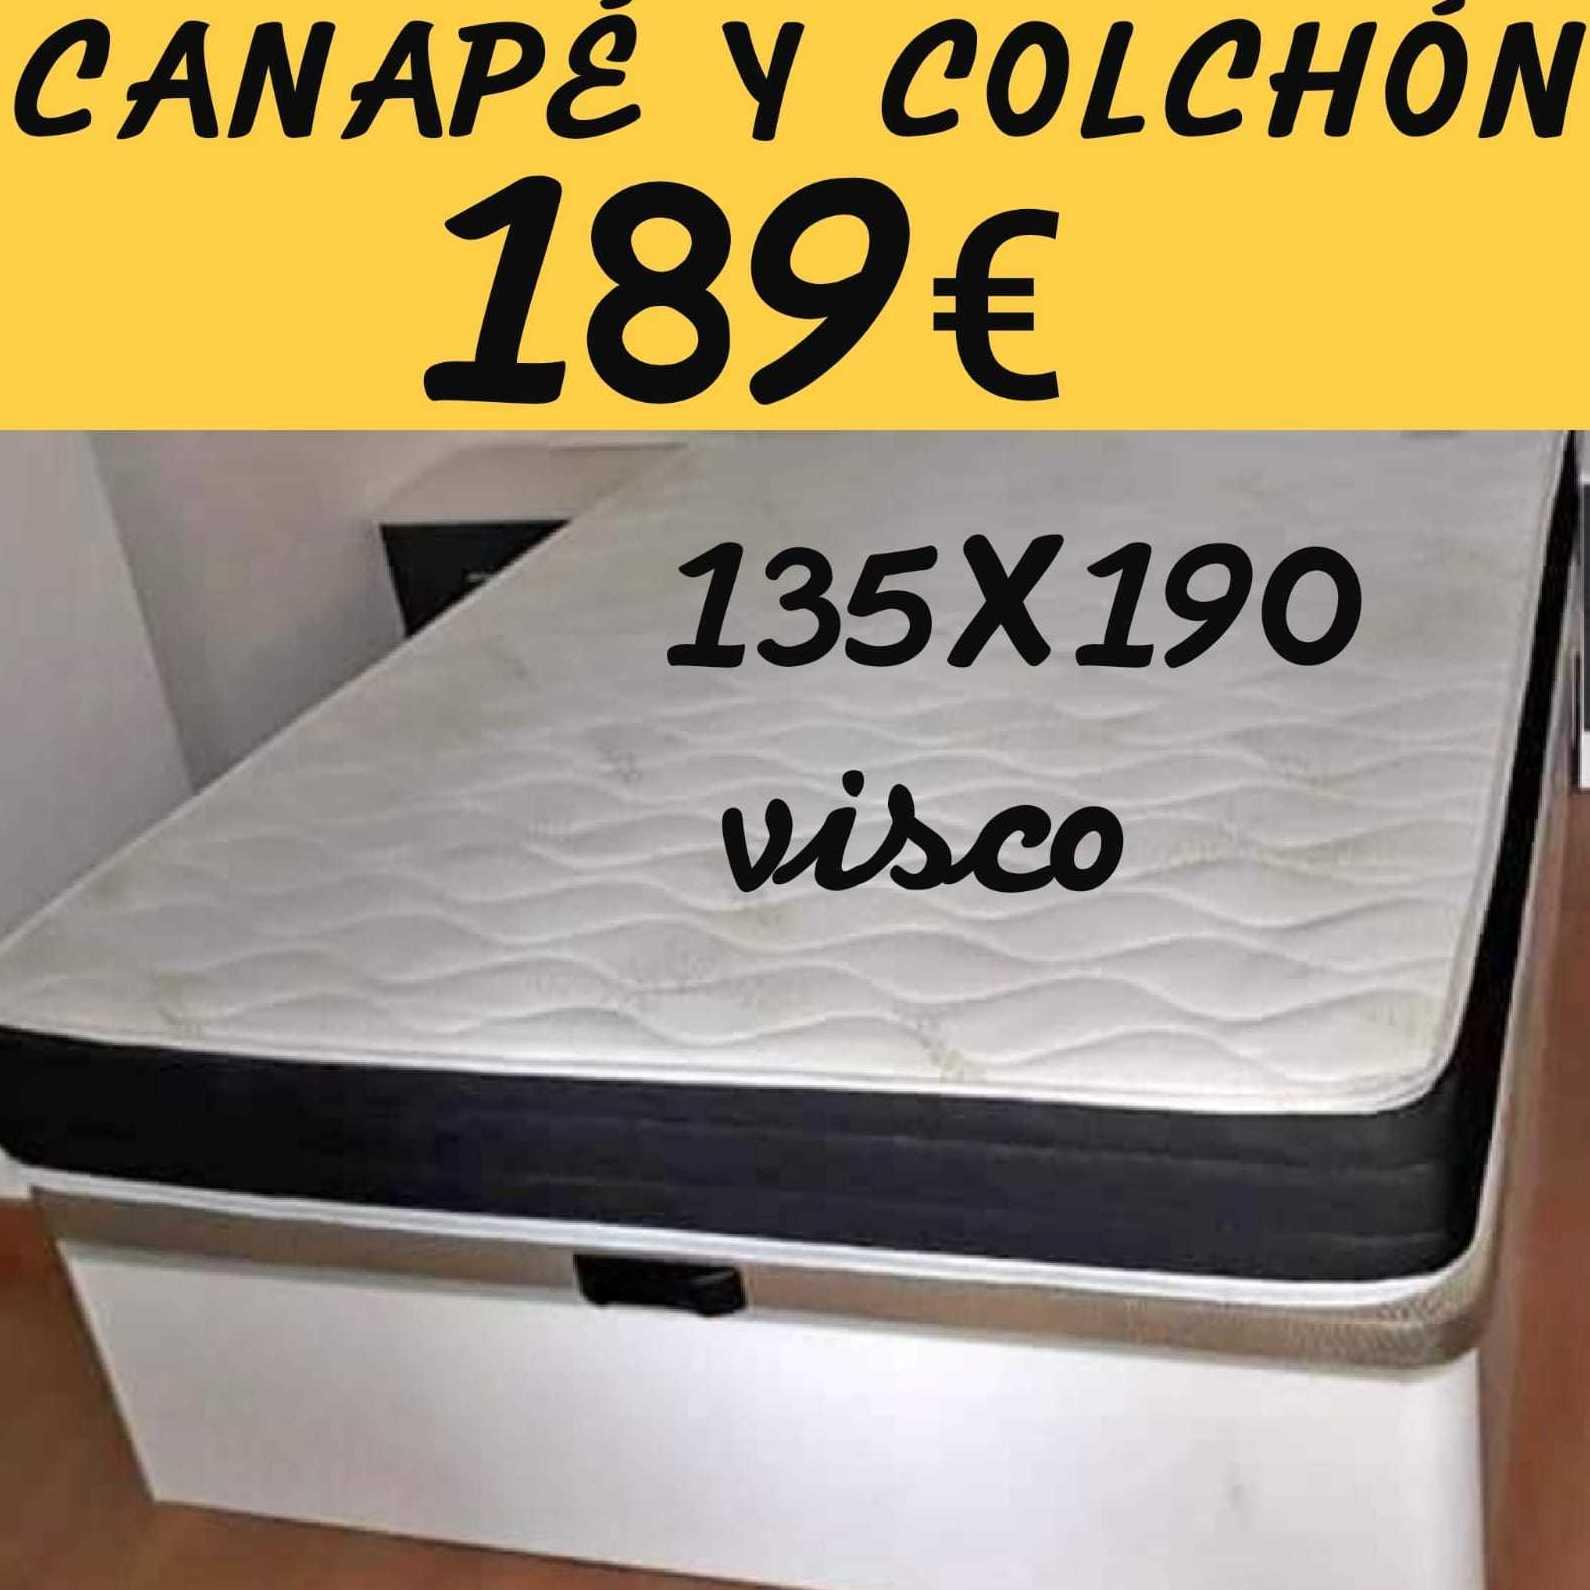 Oferta de colchón y canapé en Madrid